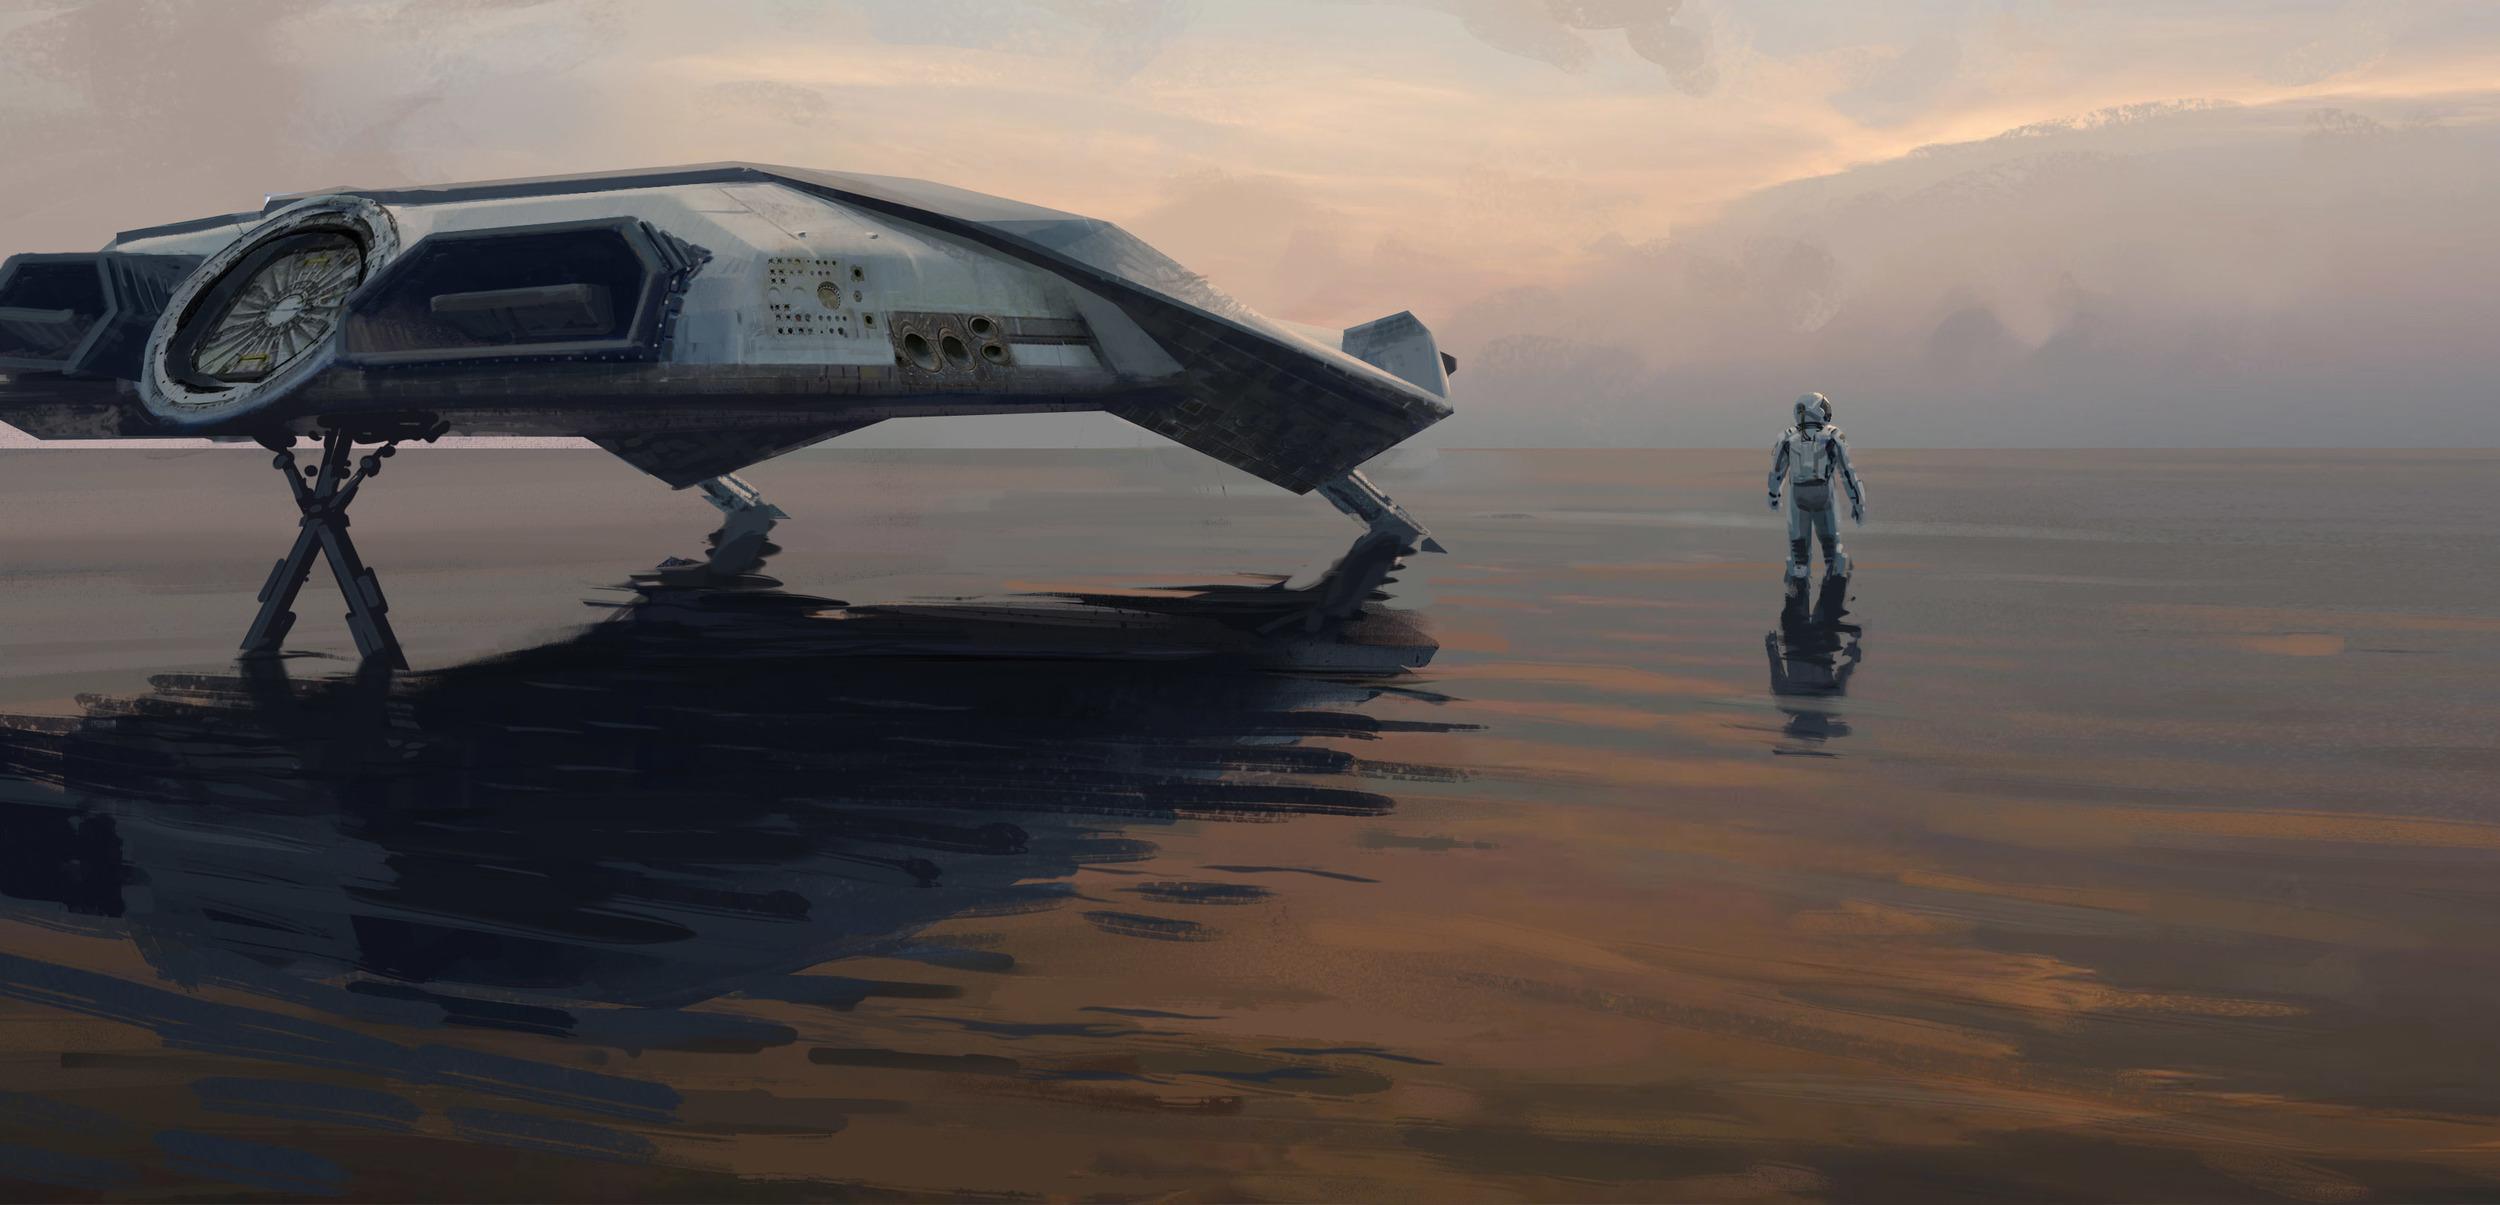 water_planet2.jpg